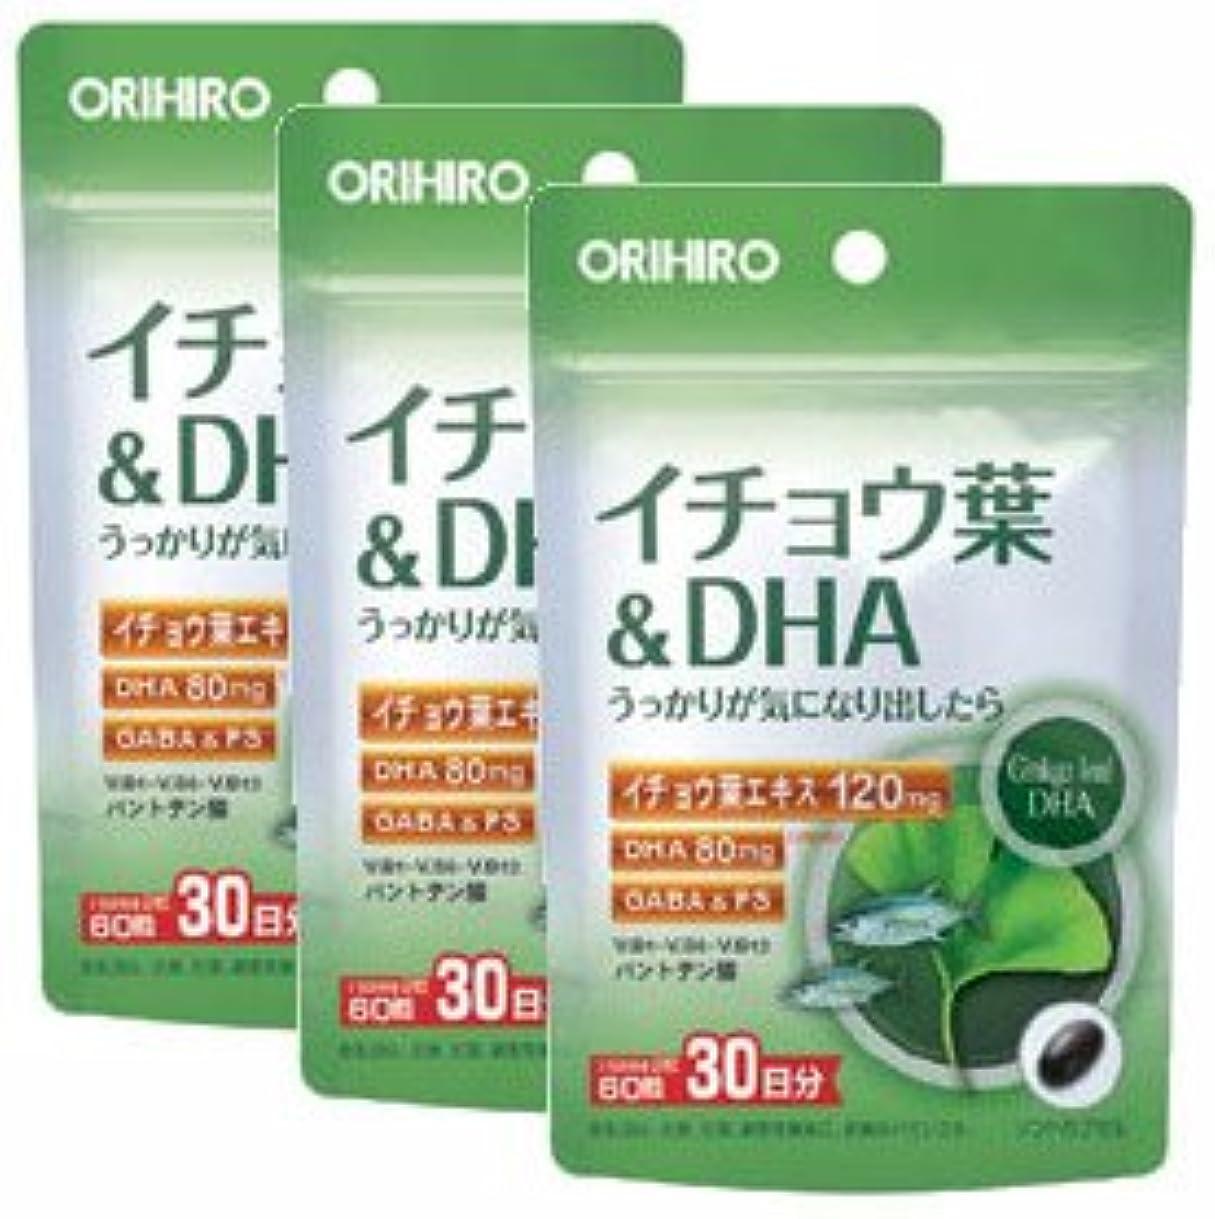 ブルーベルつづり最近イチョウ葉&DHA PD【3袋セット】オリヒロ